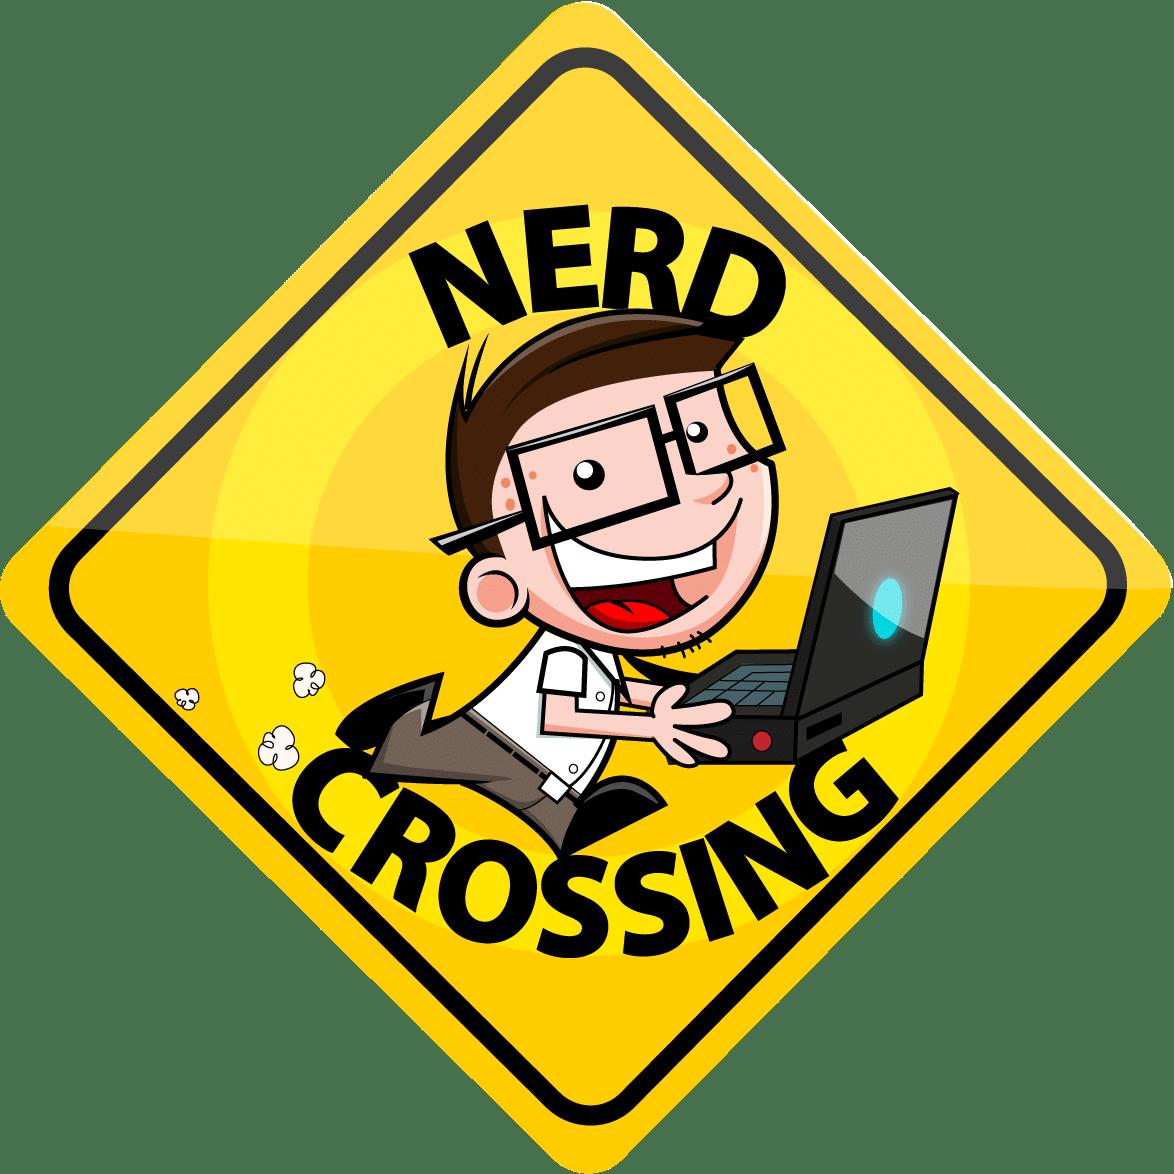 nerd crossing el sobrante ca